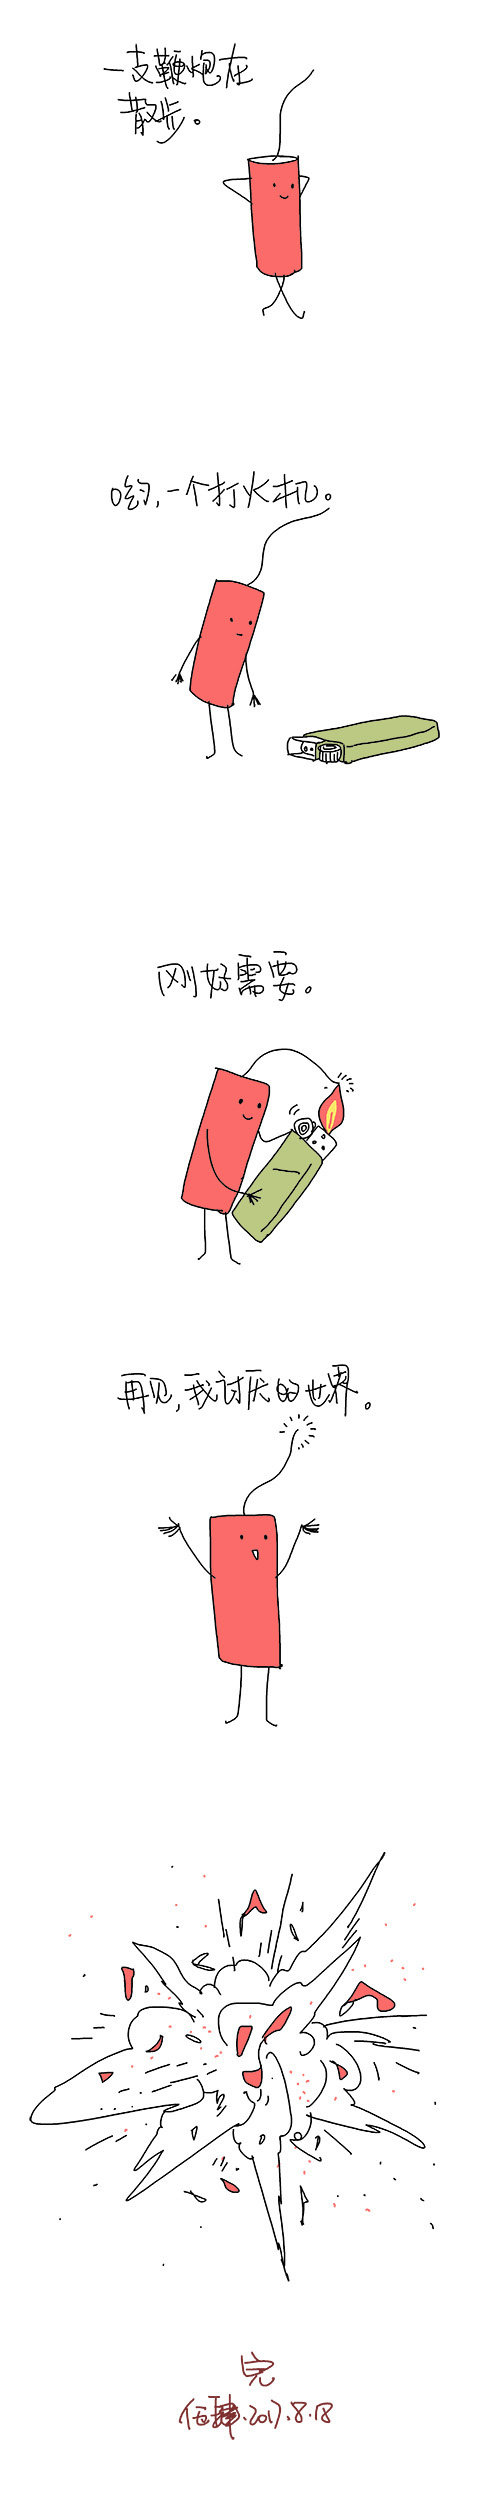 囧哥午间版:男性中年危机三大特征 盘串儿出轨保温杯图片